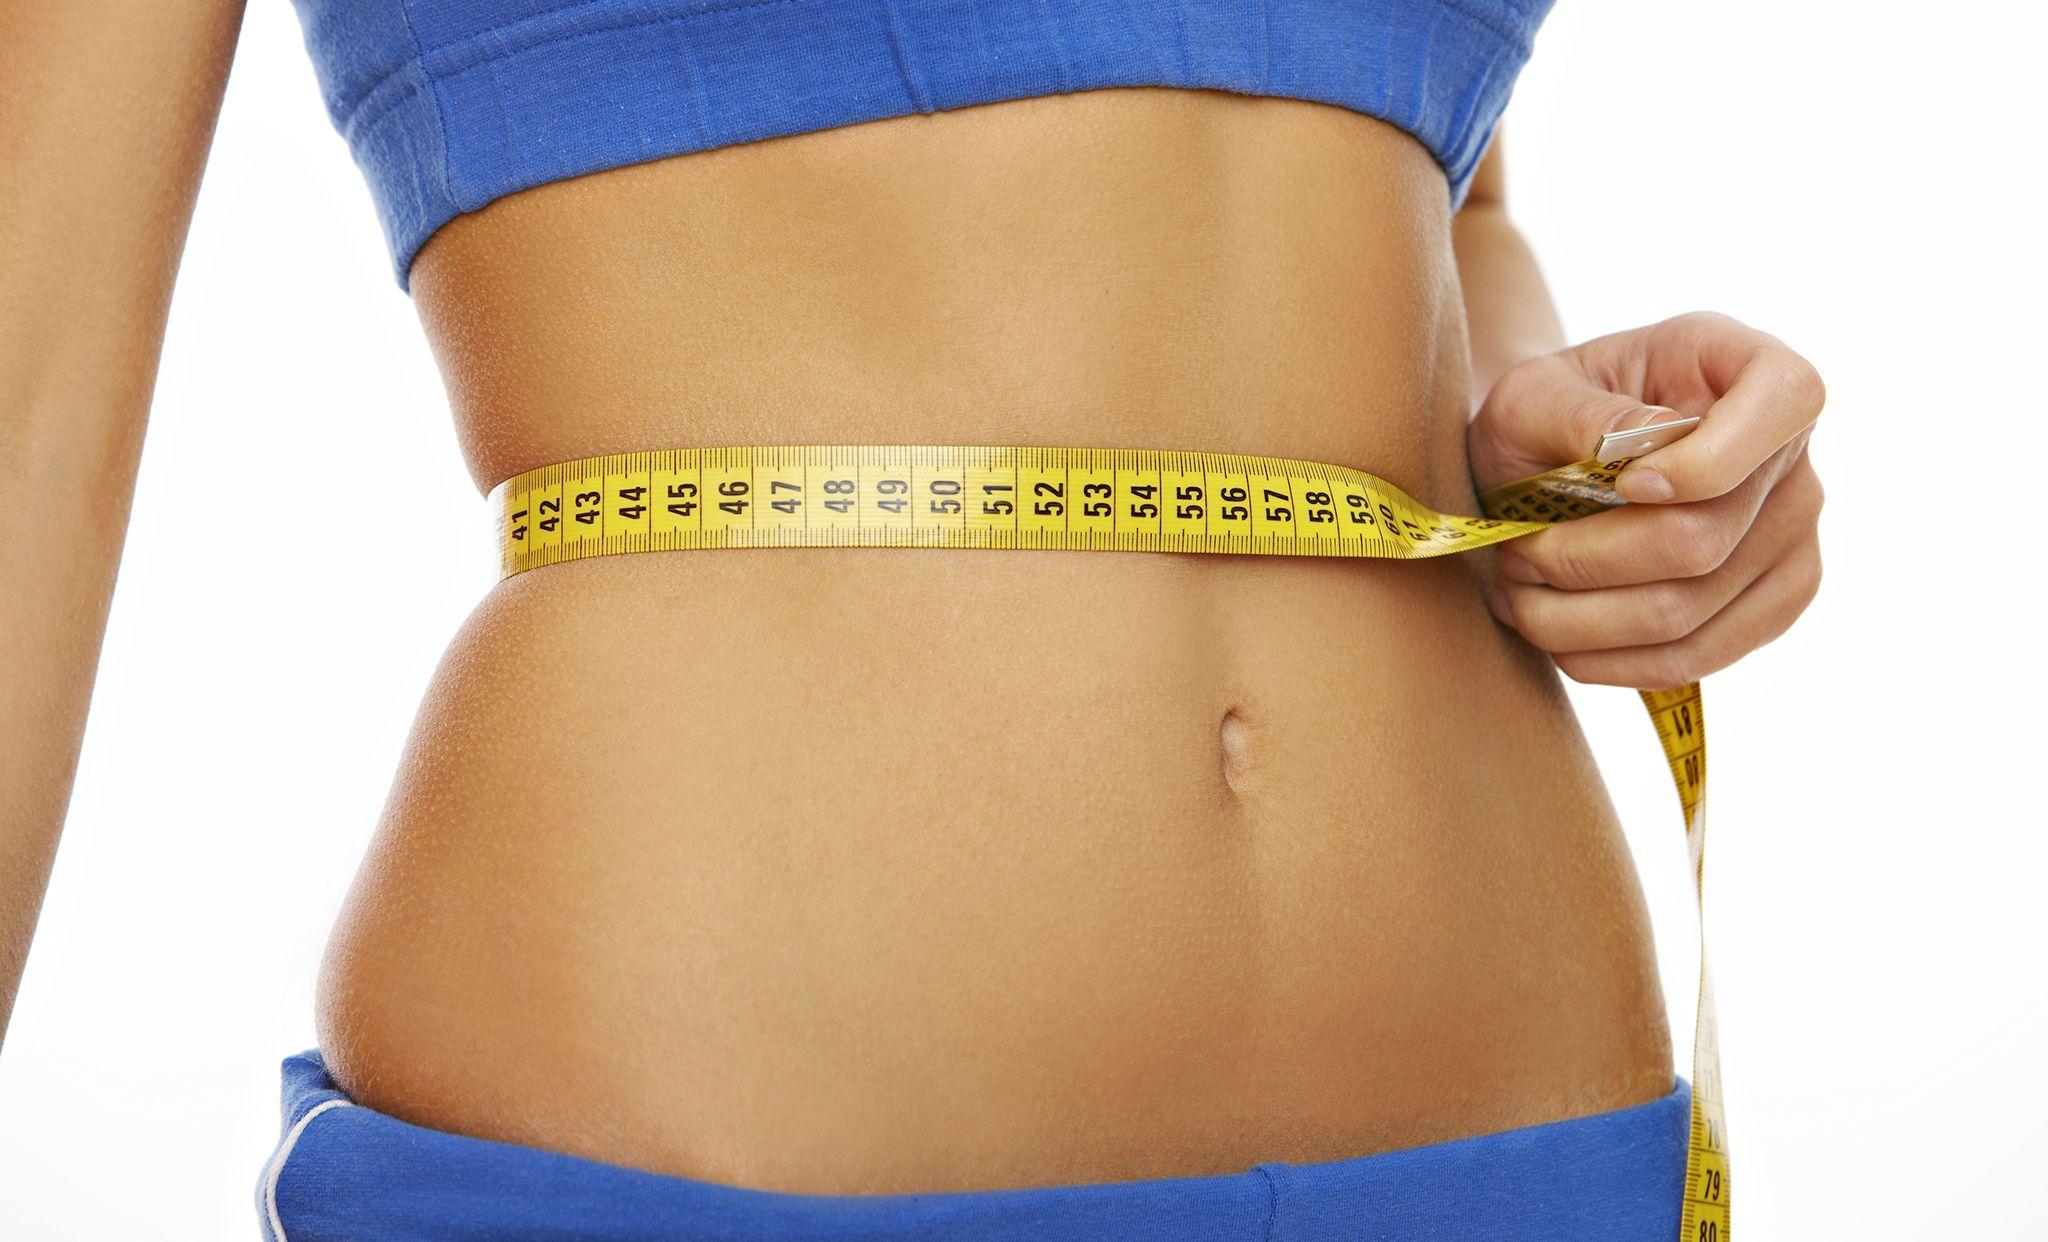 Cos'è la dieta chetogenica e quali sono i rischi